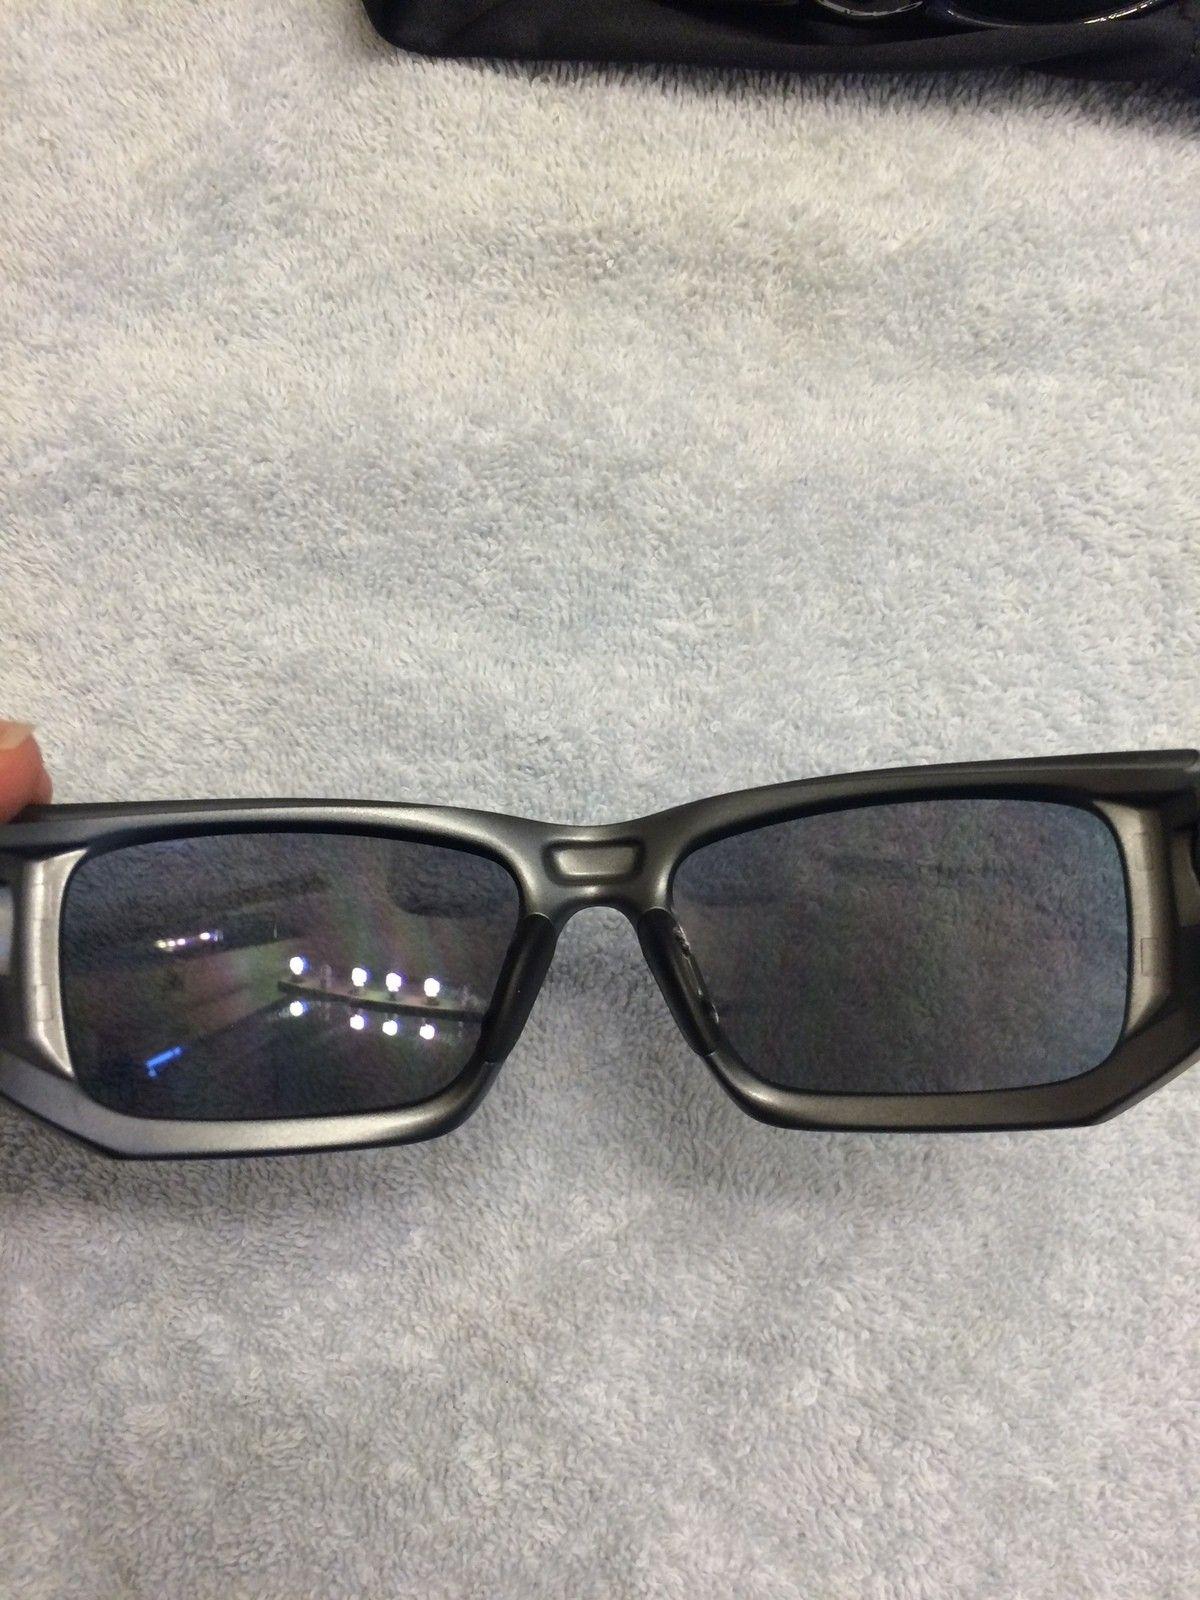 Scalpel - 2 frames - great condition - under $80 Price Drop - 2015-09-03 14.59.38.jpg